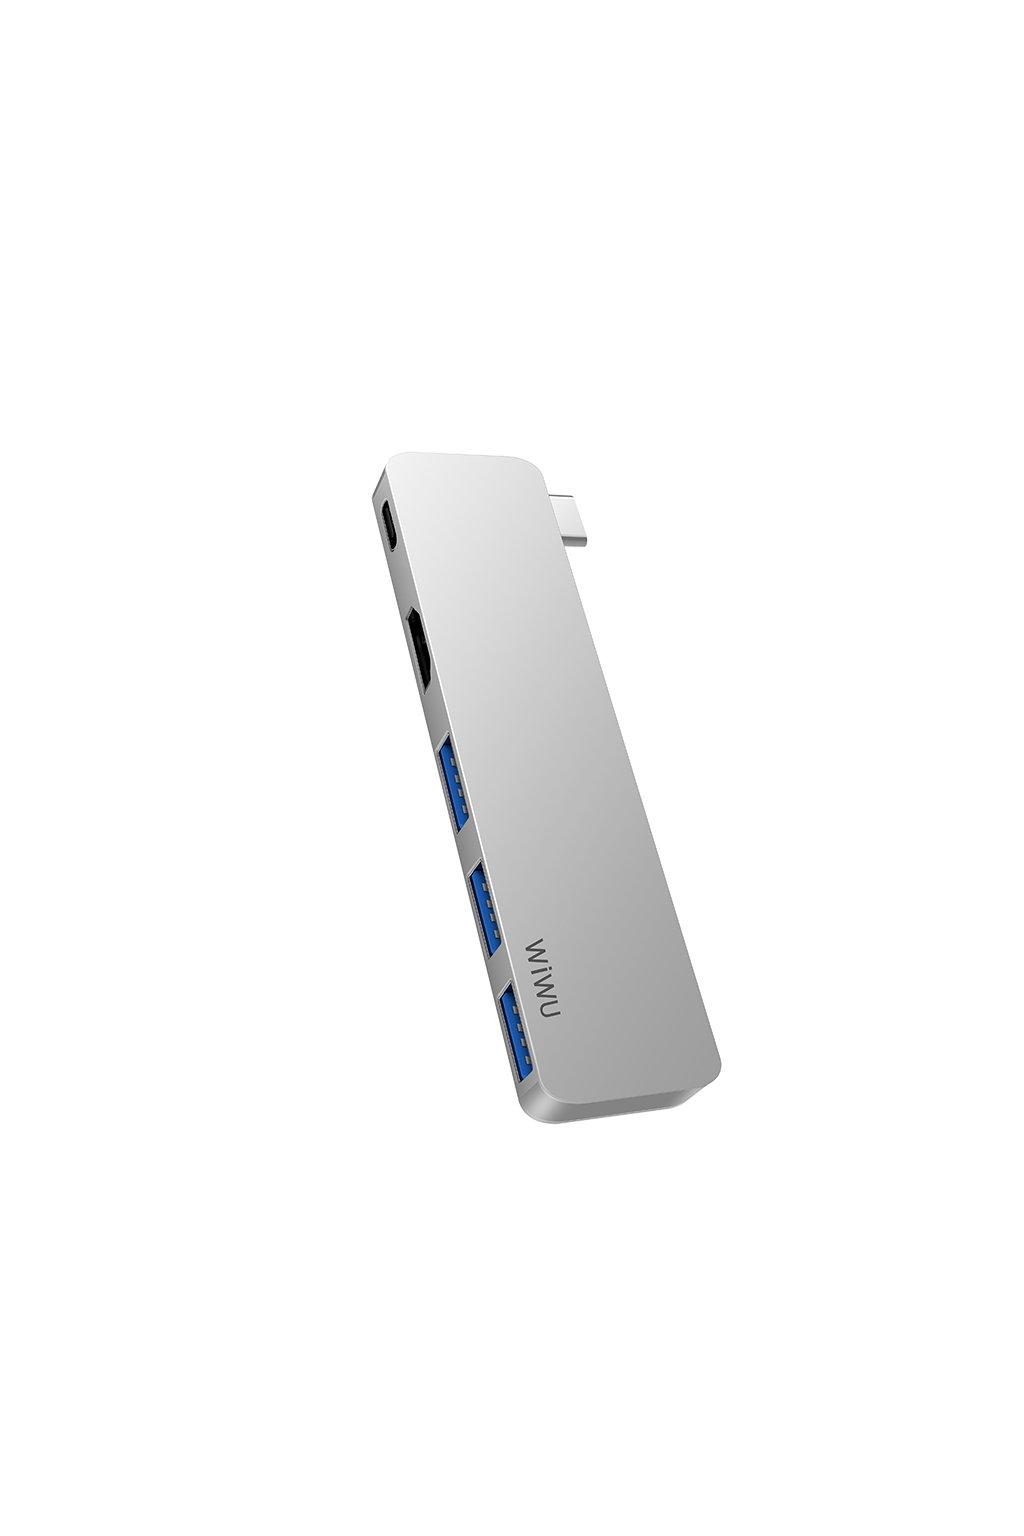 WiWU USB-C multi-port hub pro USB/USB-C/HDMI T6 Pro 5v1